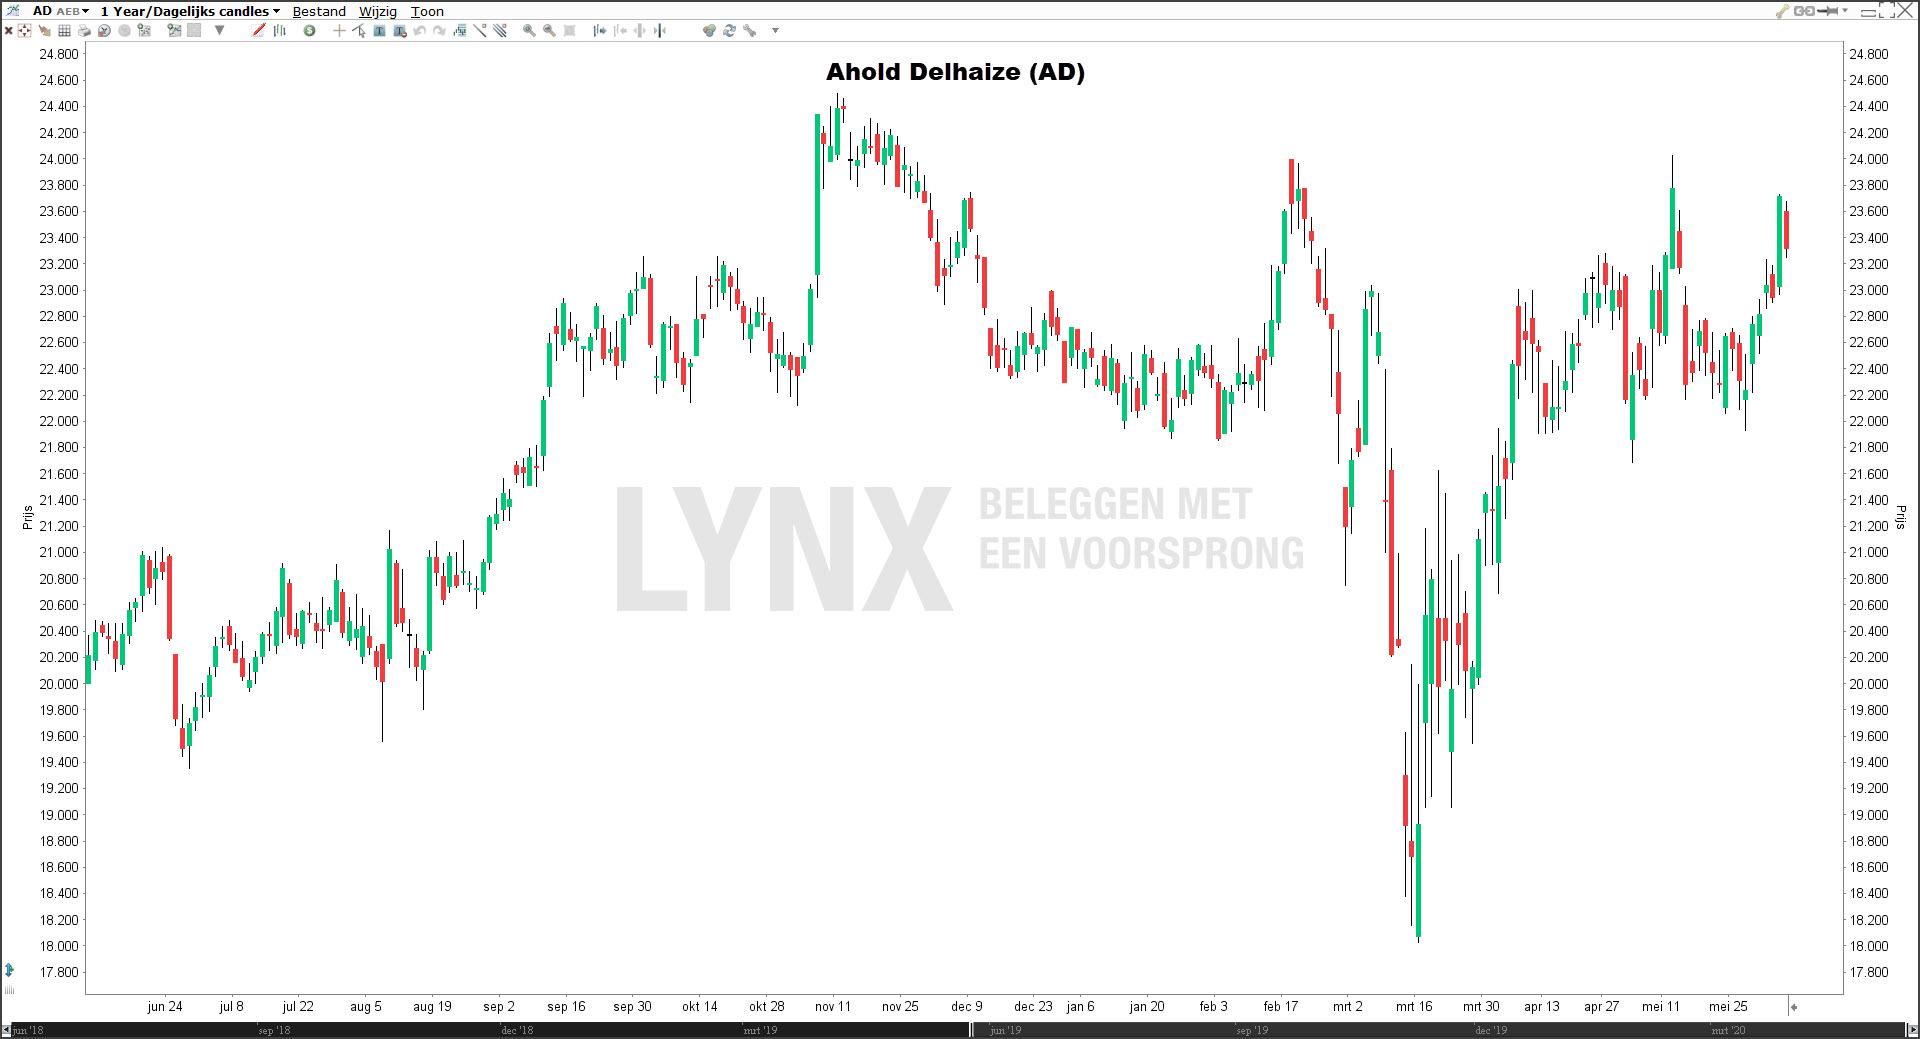 Beste aandelen 2020: Ahold Delhaize